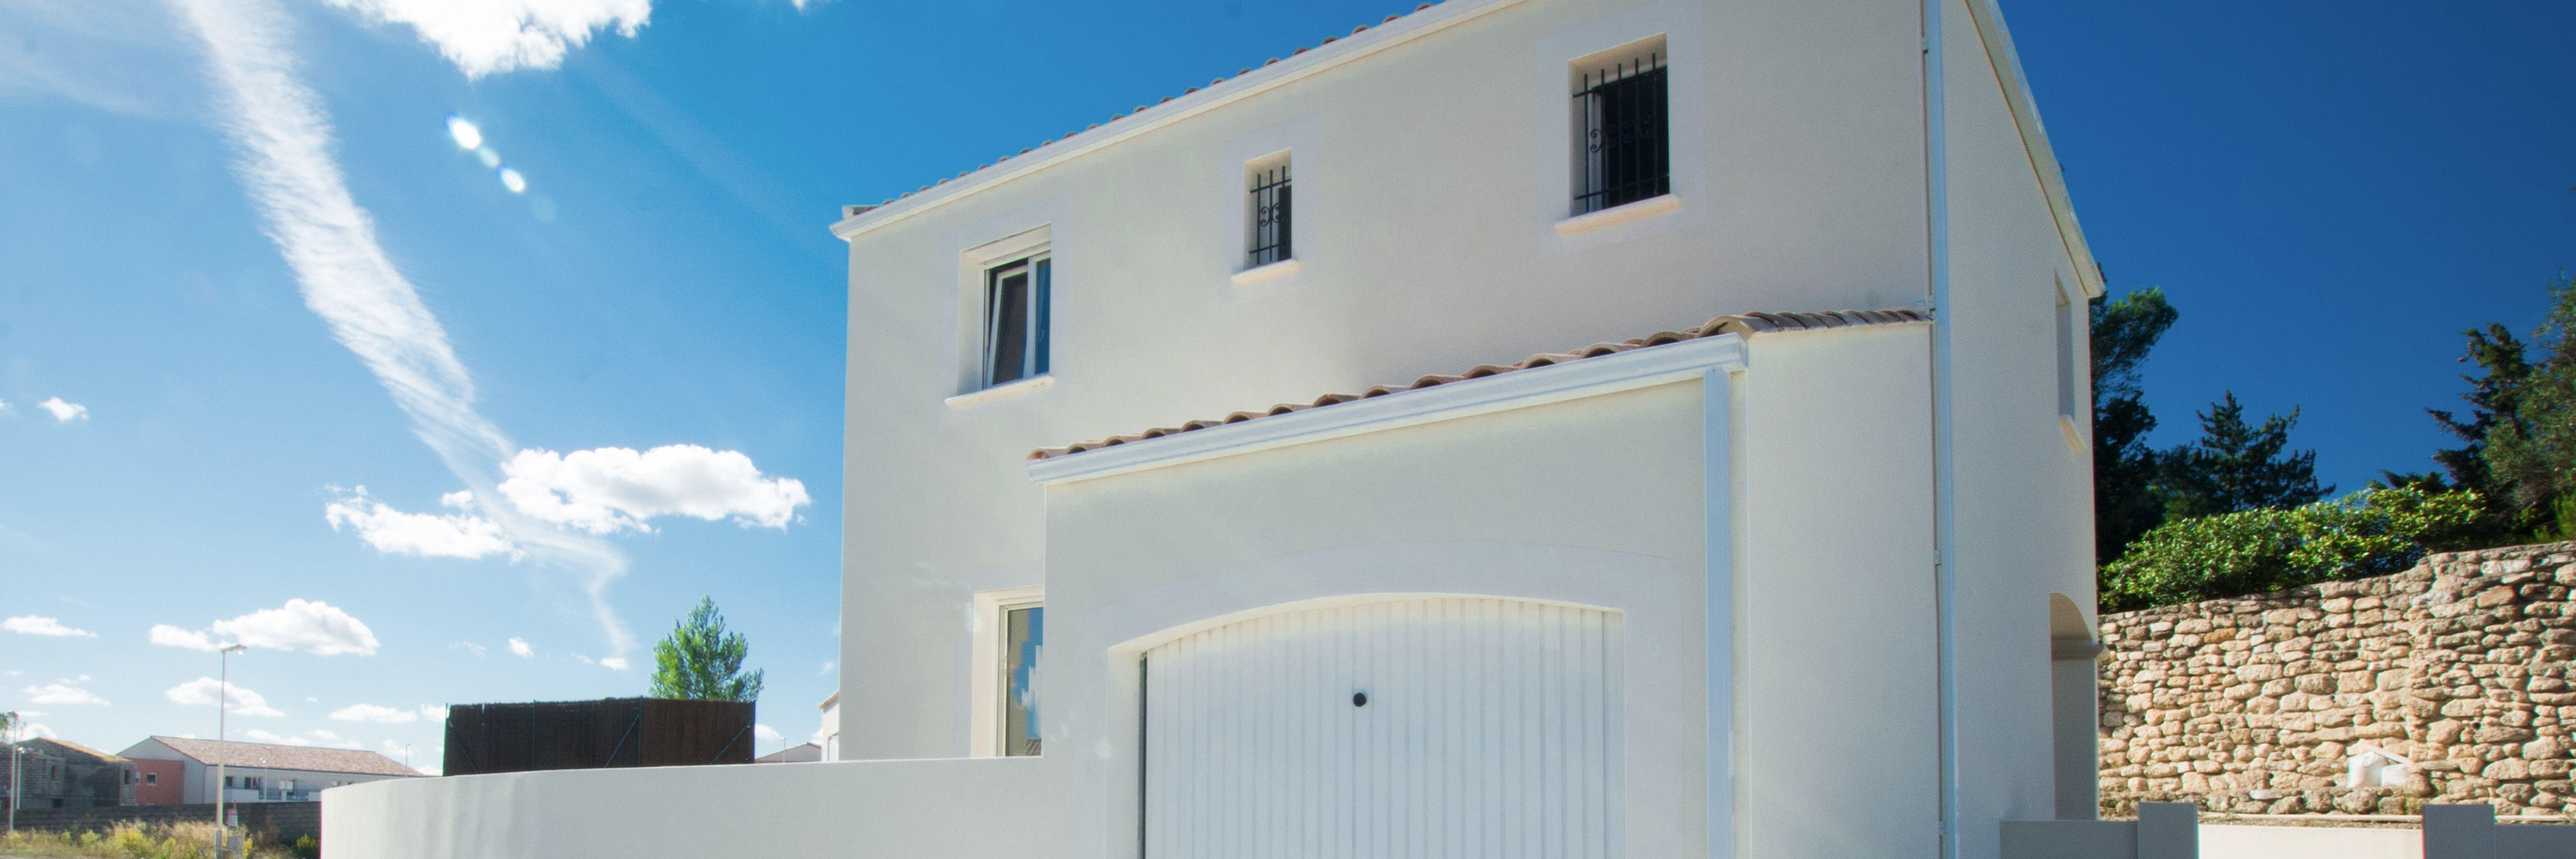 Villa Terre Du Sud constructeur maison frontignan - villas terre du sud